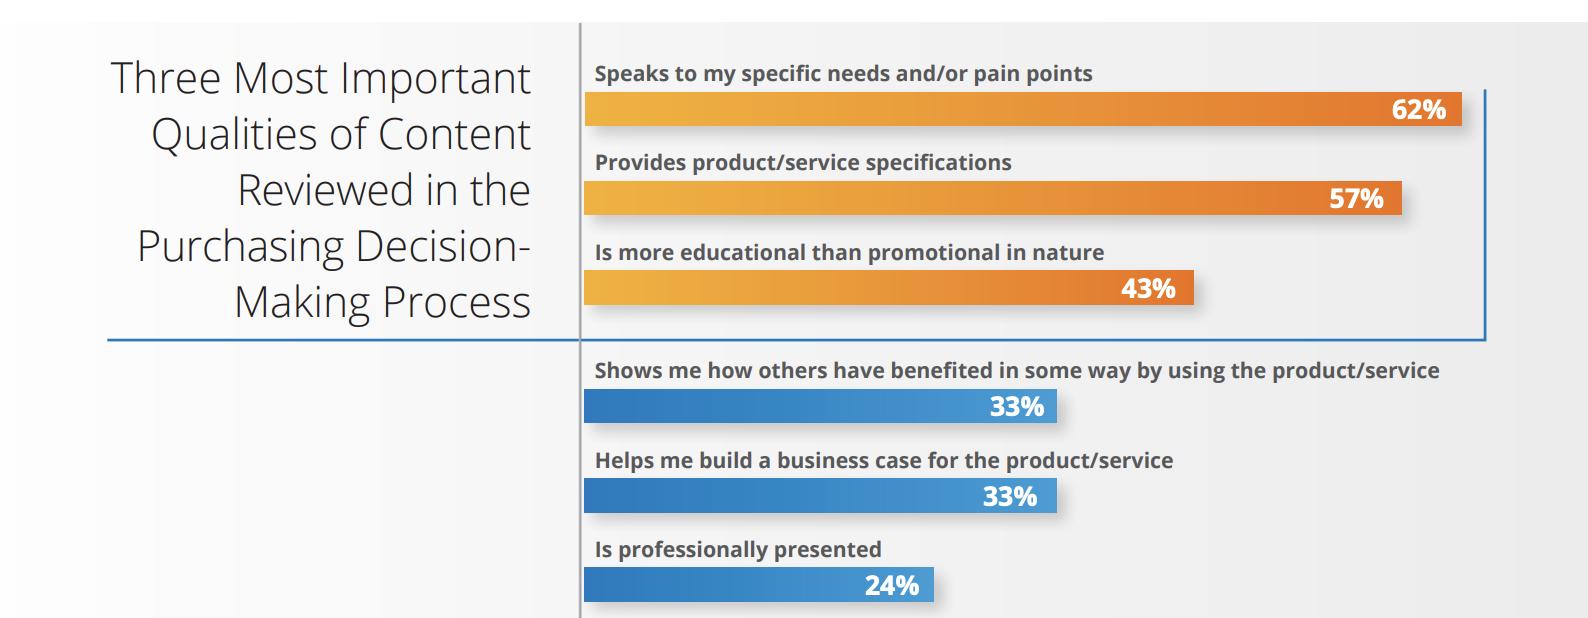 62% dos clientes desejam conteúdo de marketing que fale dos pontos problemáticos.